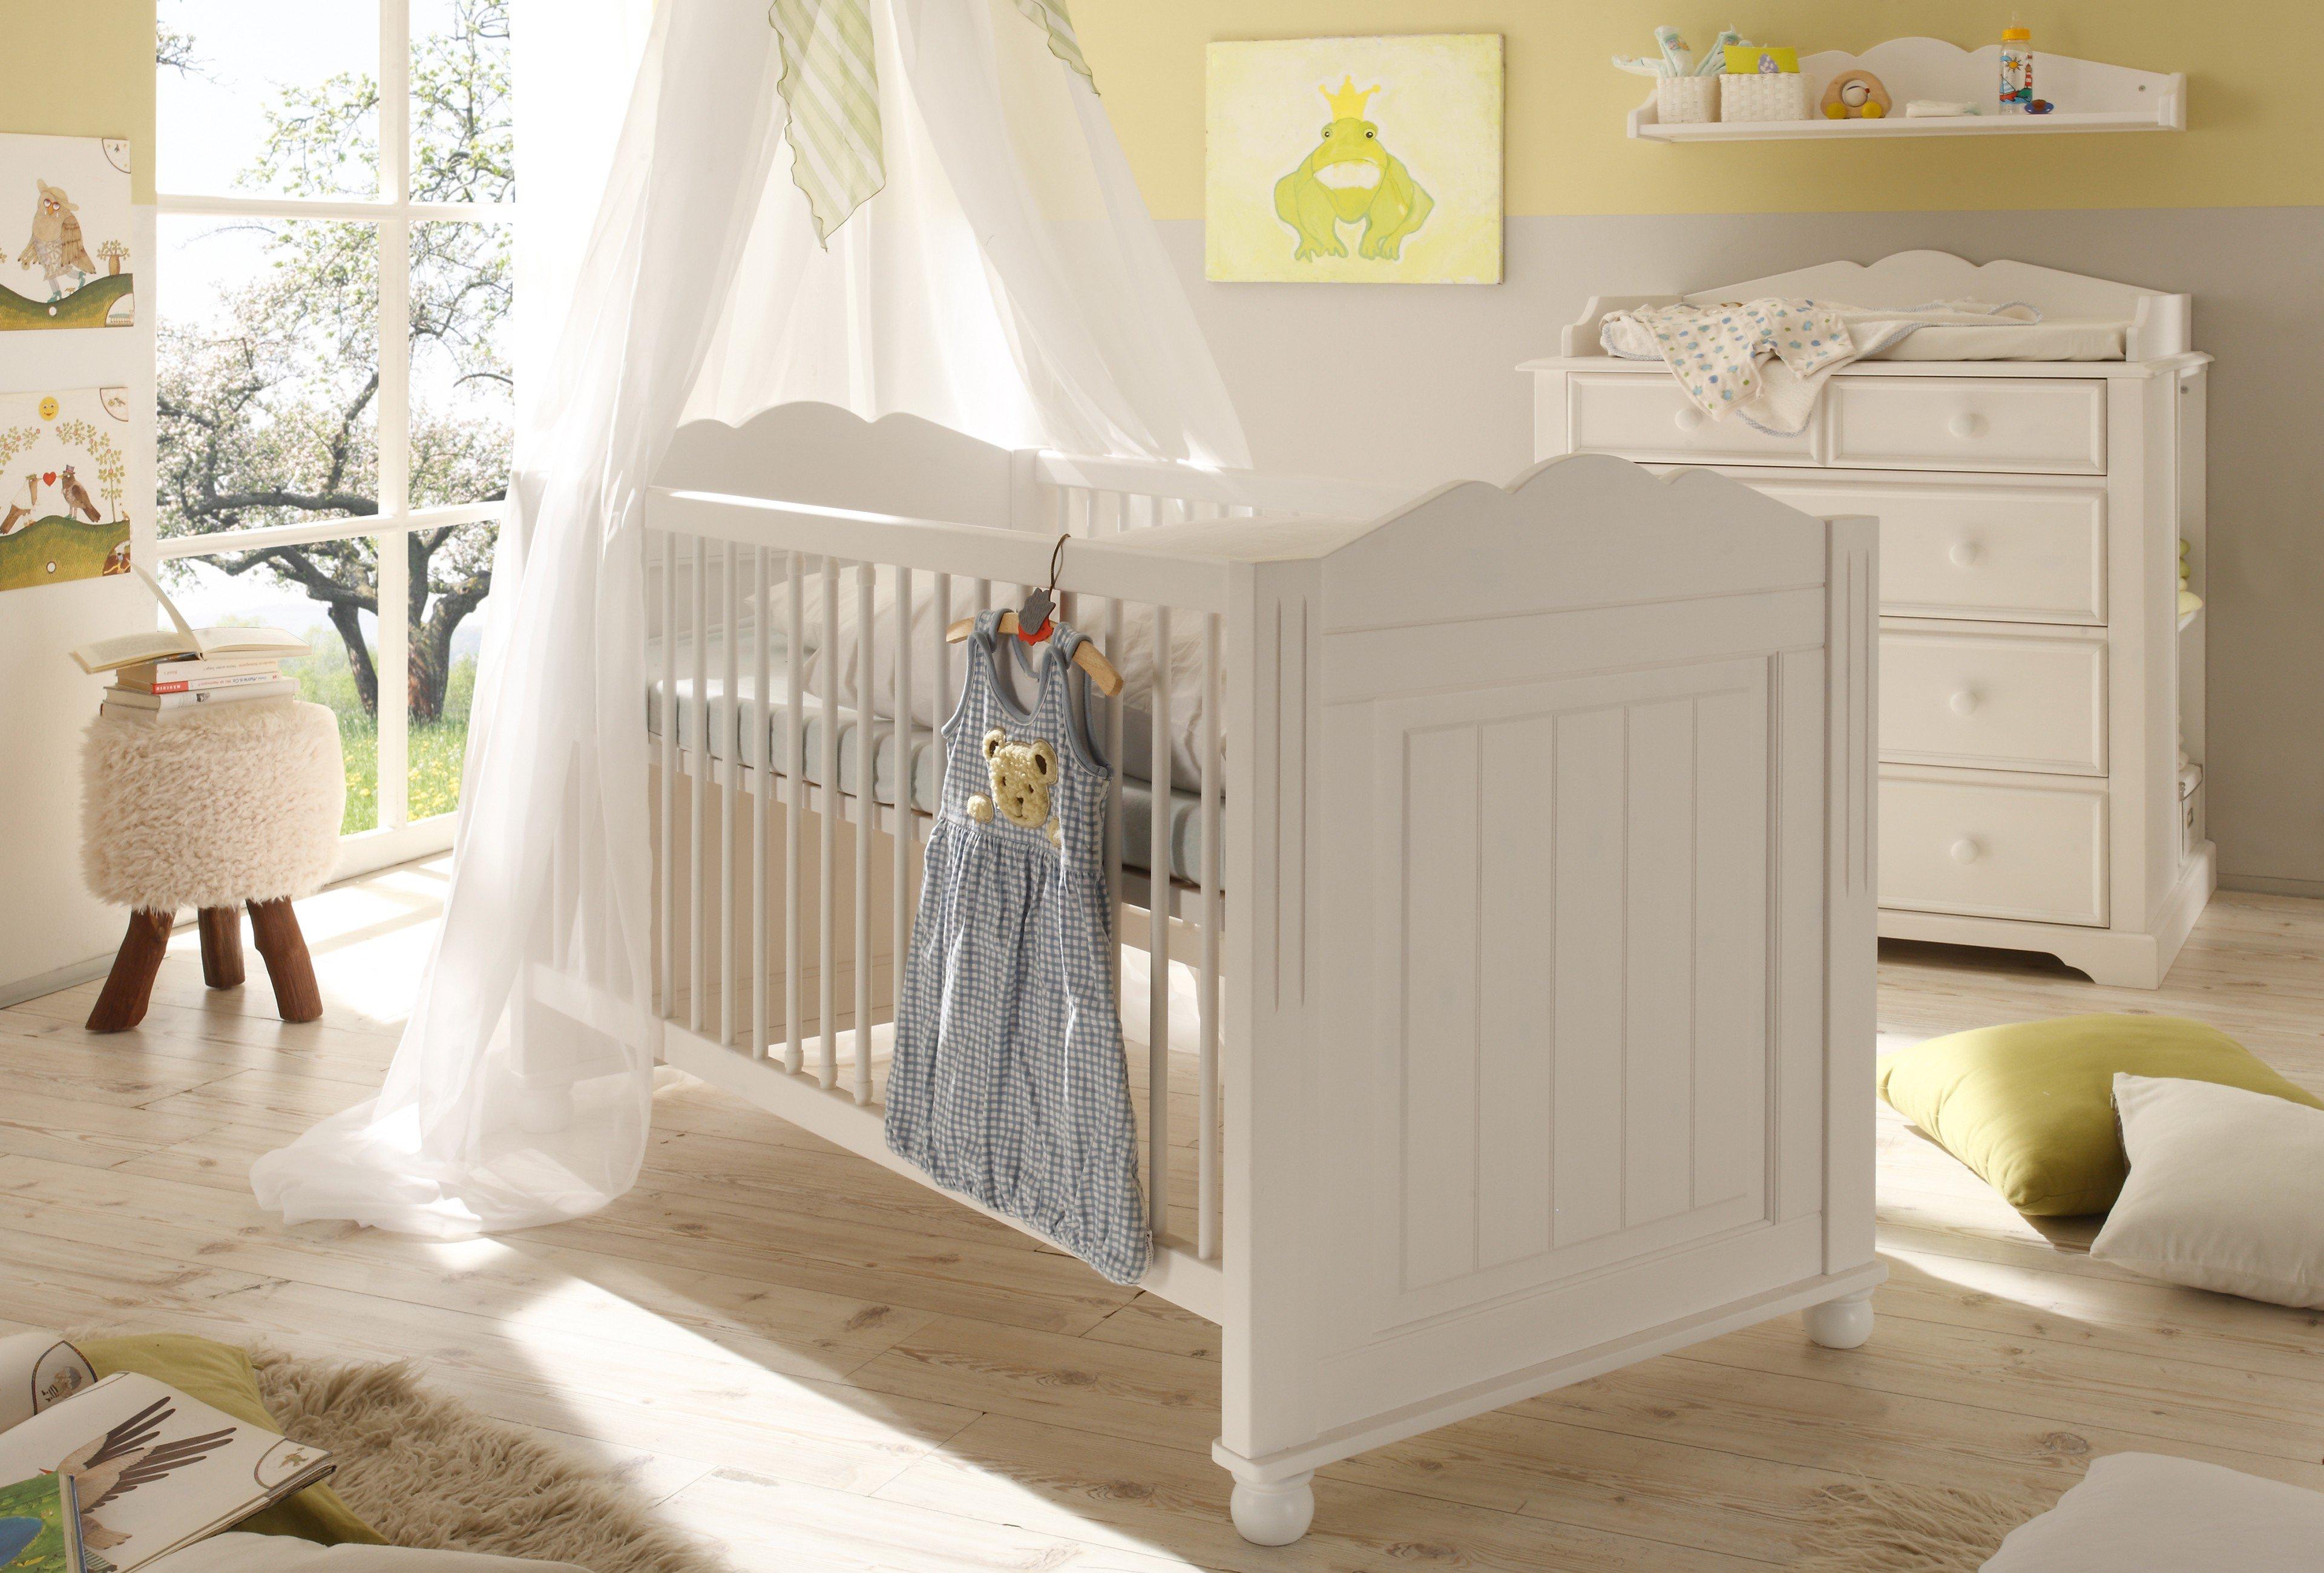 schlafkontor cinderella kinderbett kiefer wei m bel letz ihr online shop. Black Bedroom Furniture Sets. Home Design Ideas